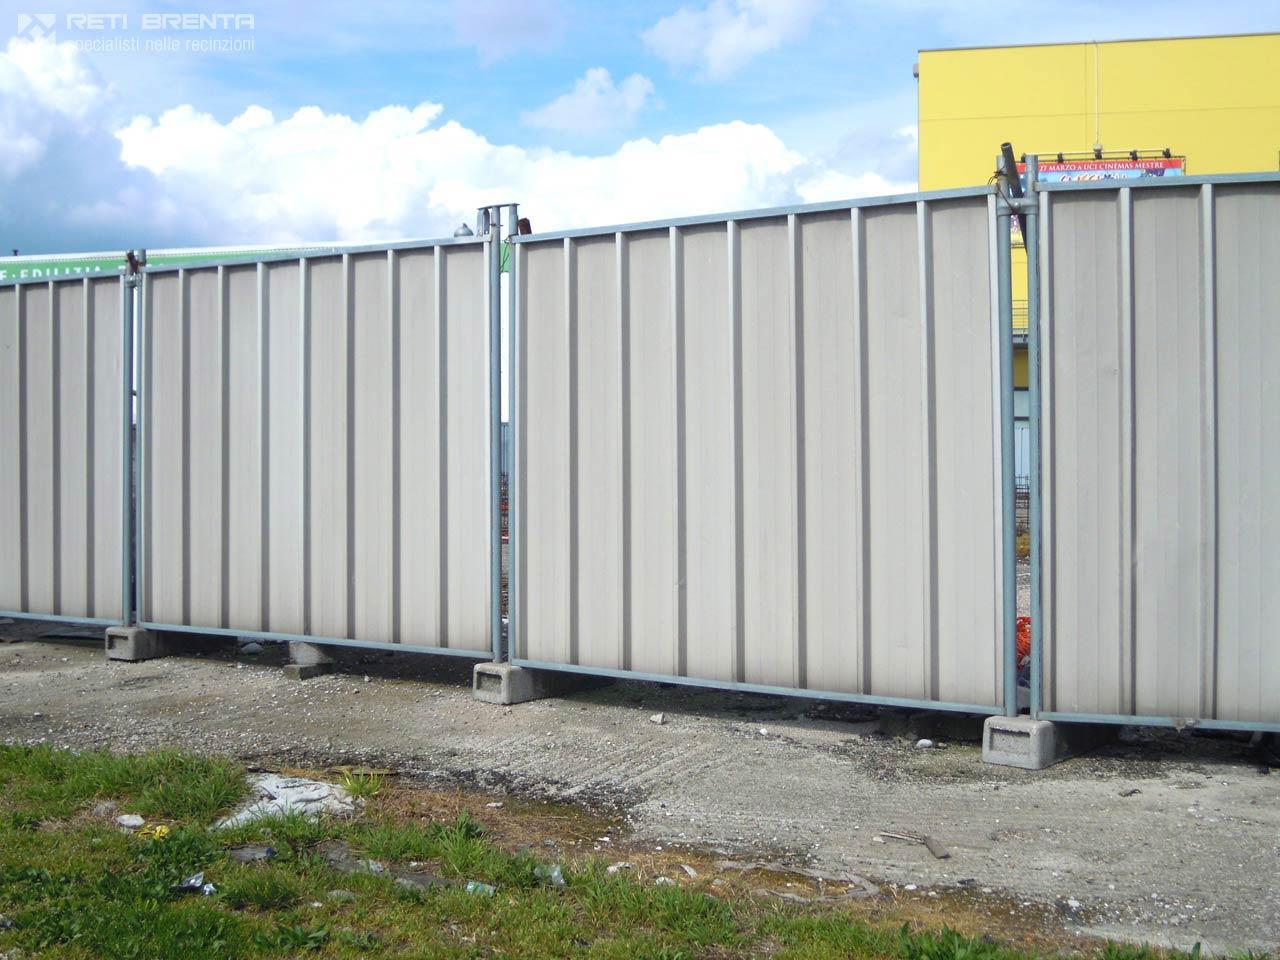 Edil 73 attrezzature macchinari e attrezzature edili castellarano ex sassuolo in provincia di - Recinzioni mobili per giardino ...